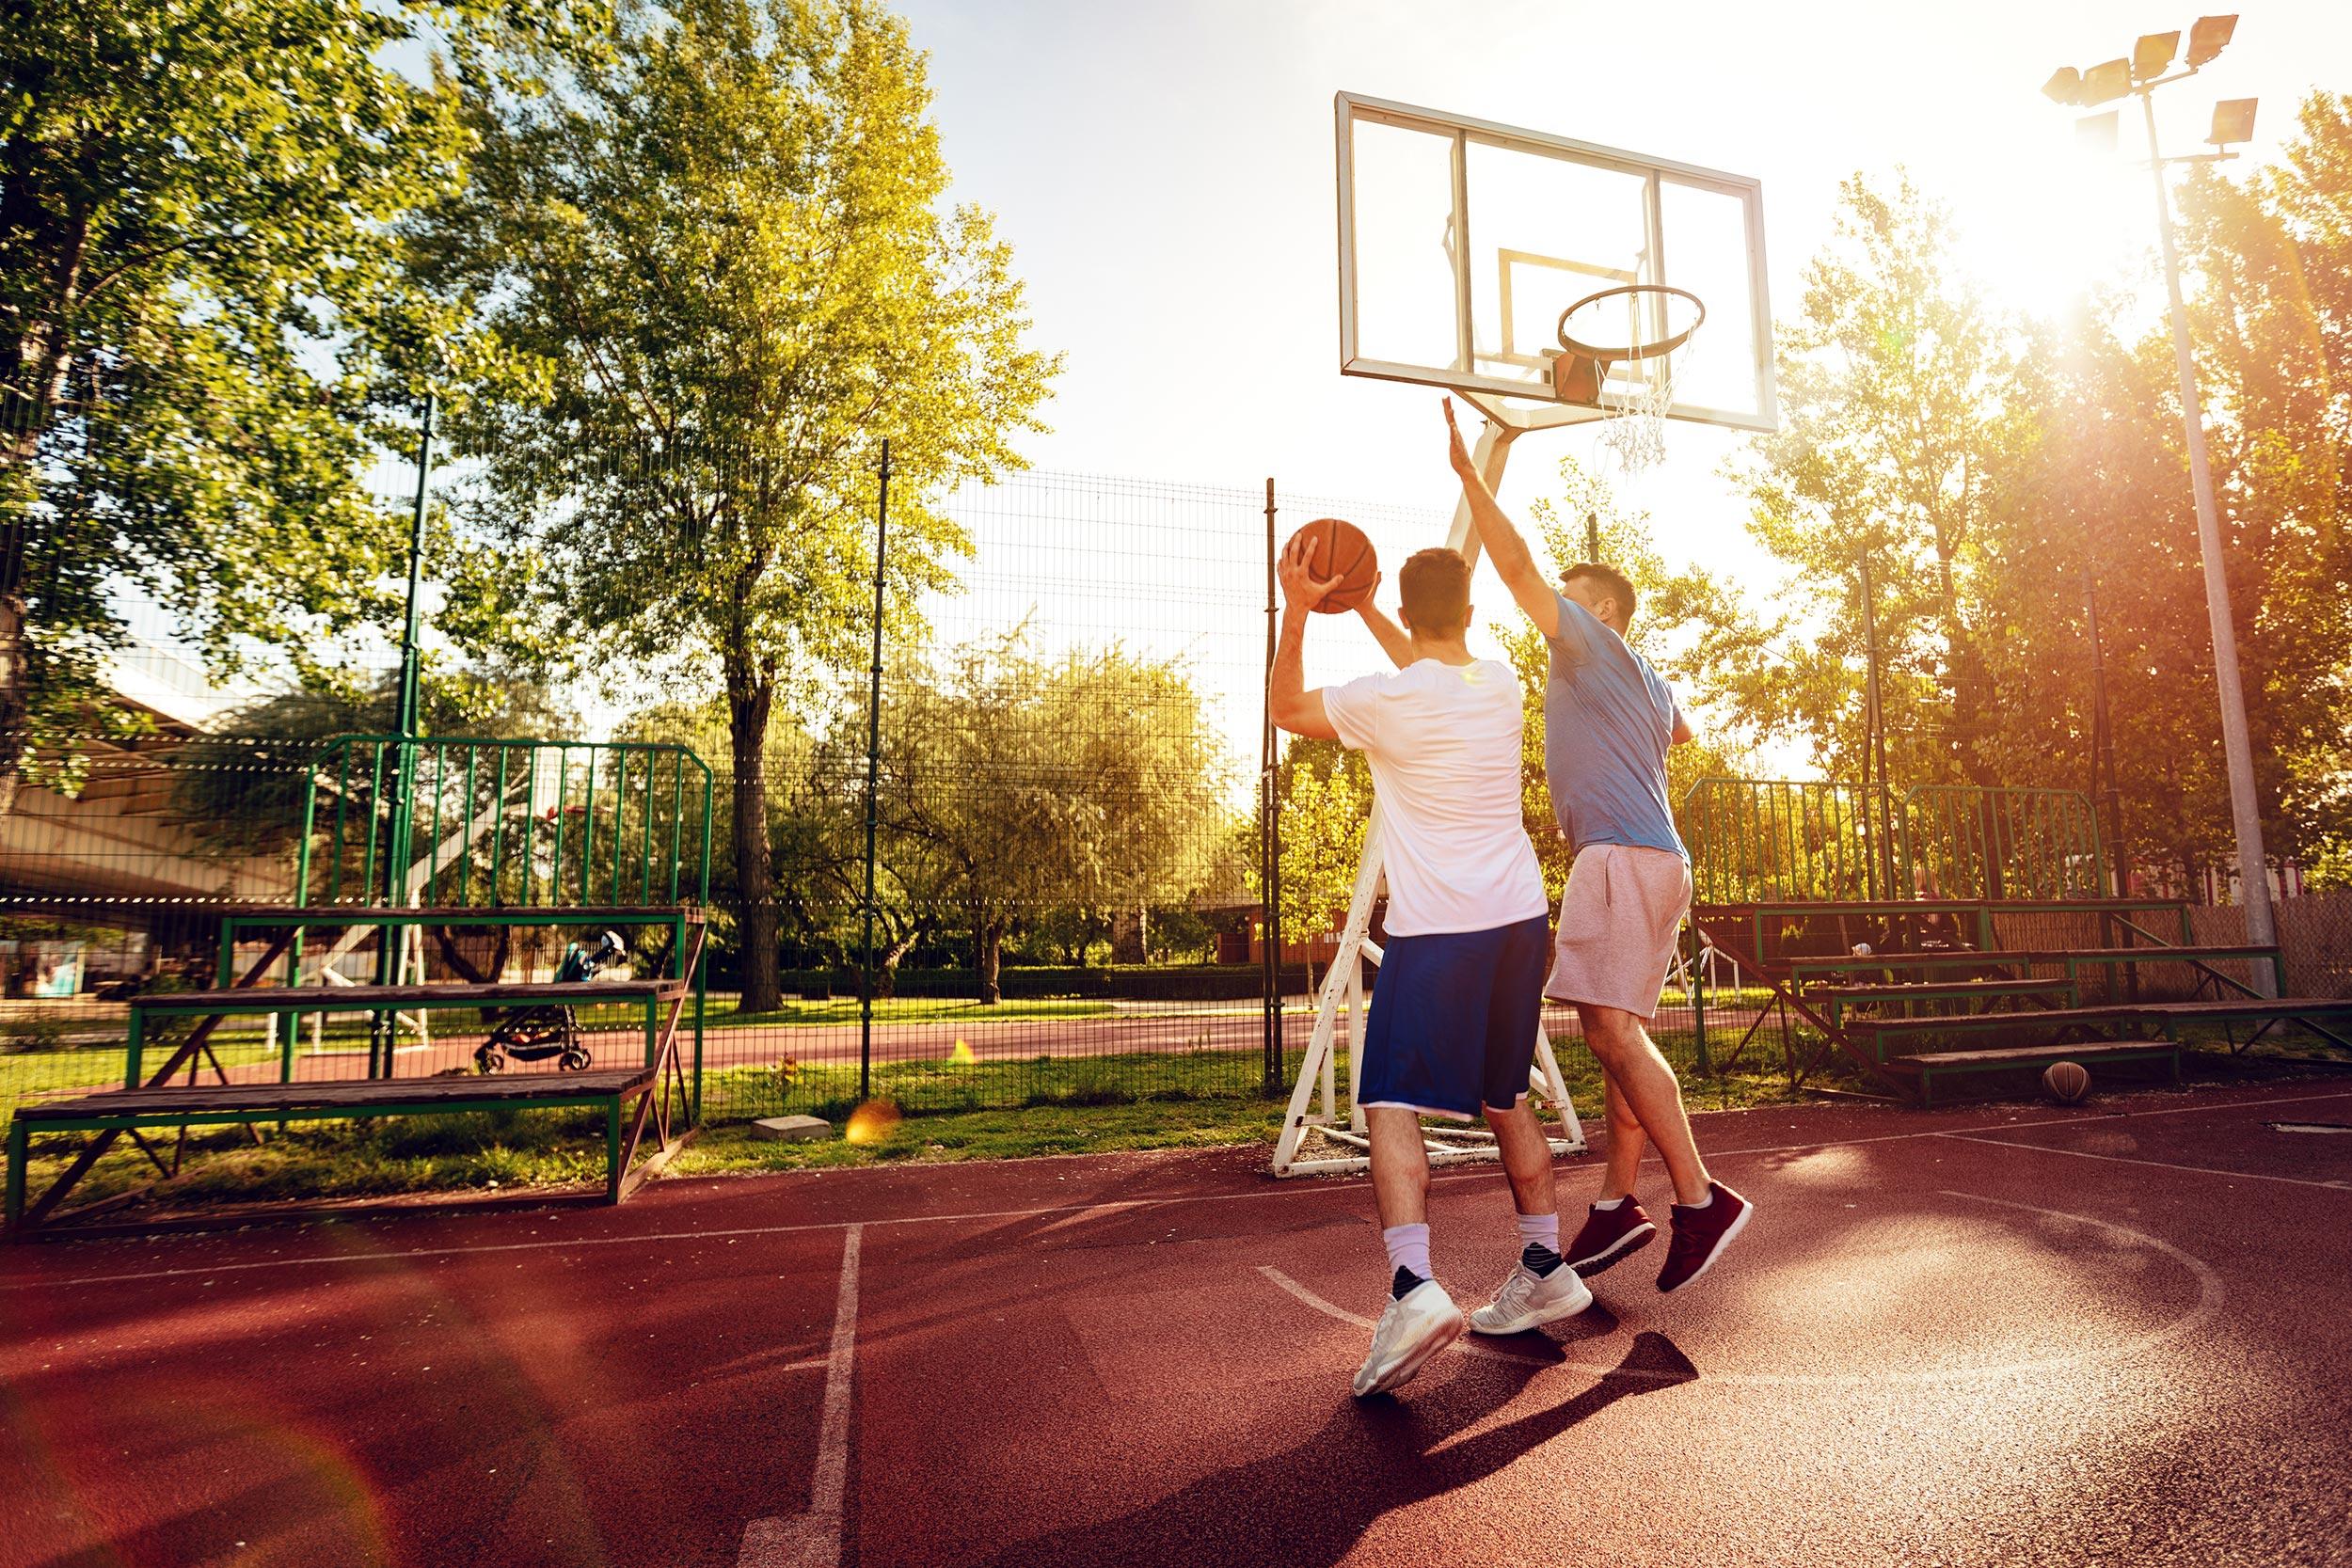 Dvojica mladića igraju košarku